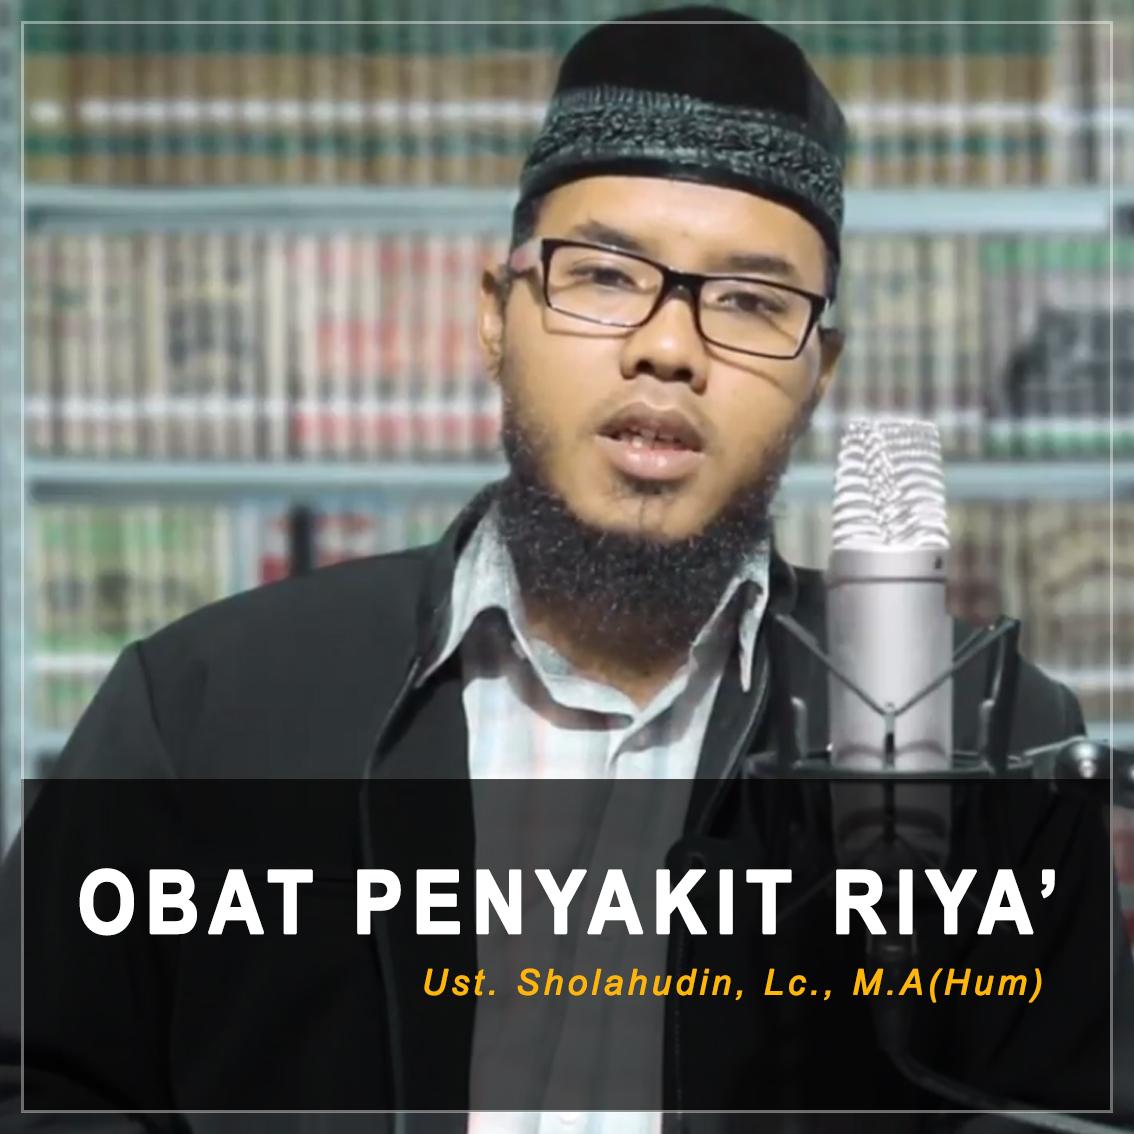 Obat Penyakit Riya' – Ust Sholahudin, Lc, MA(Hum)